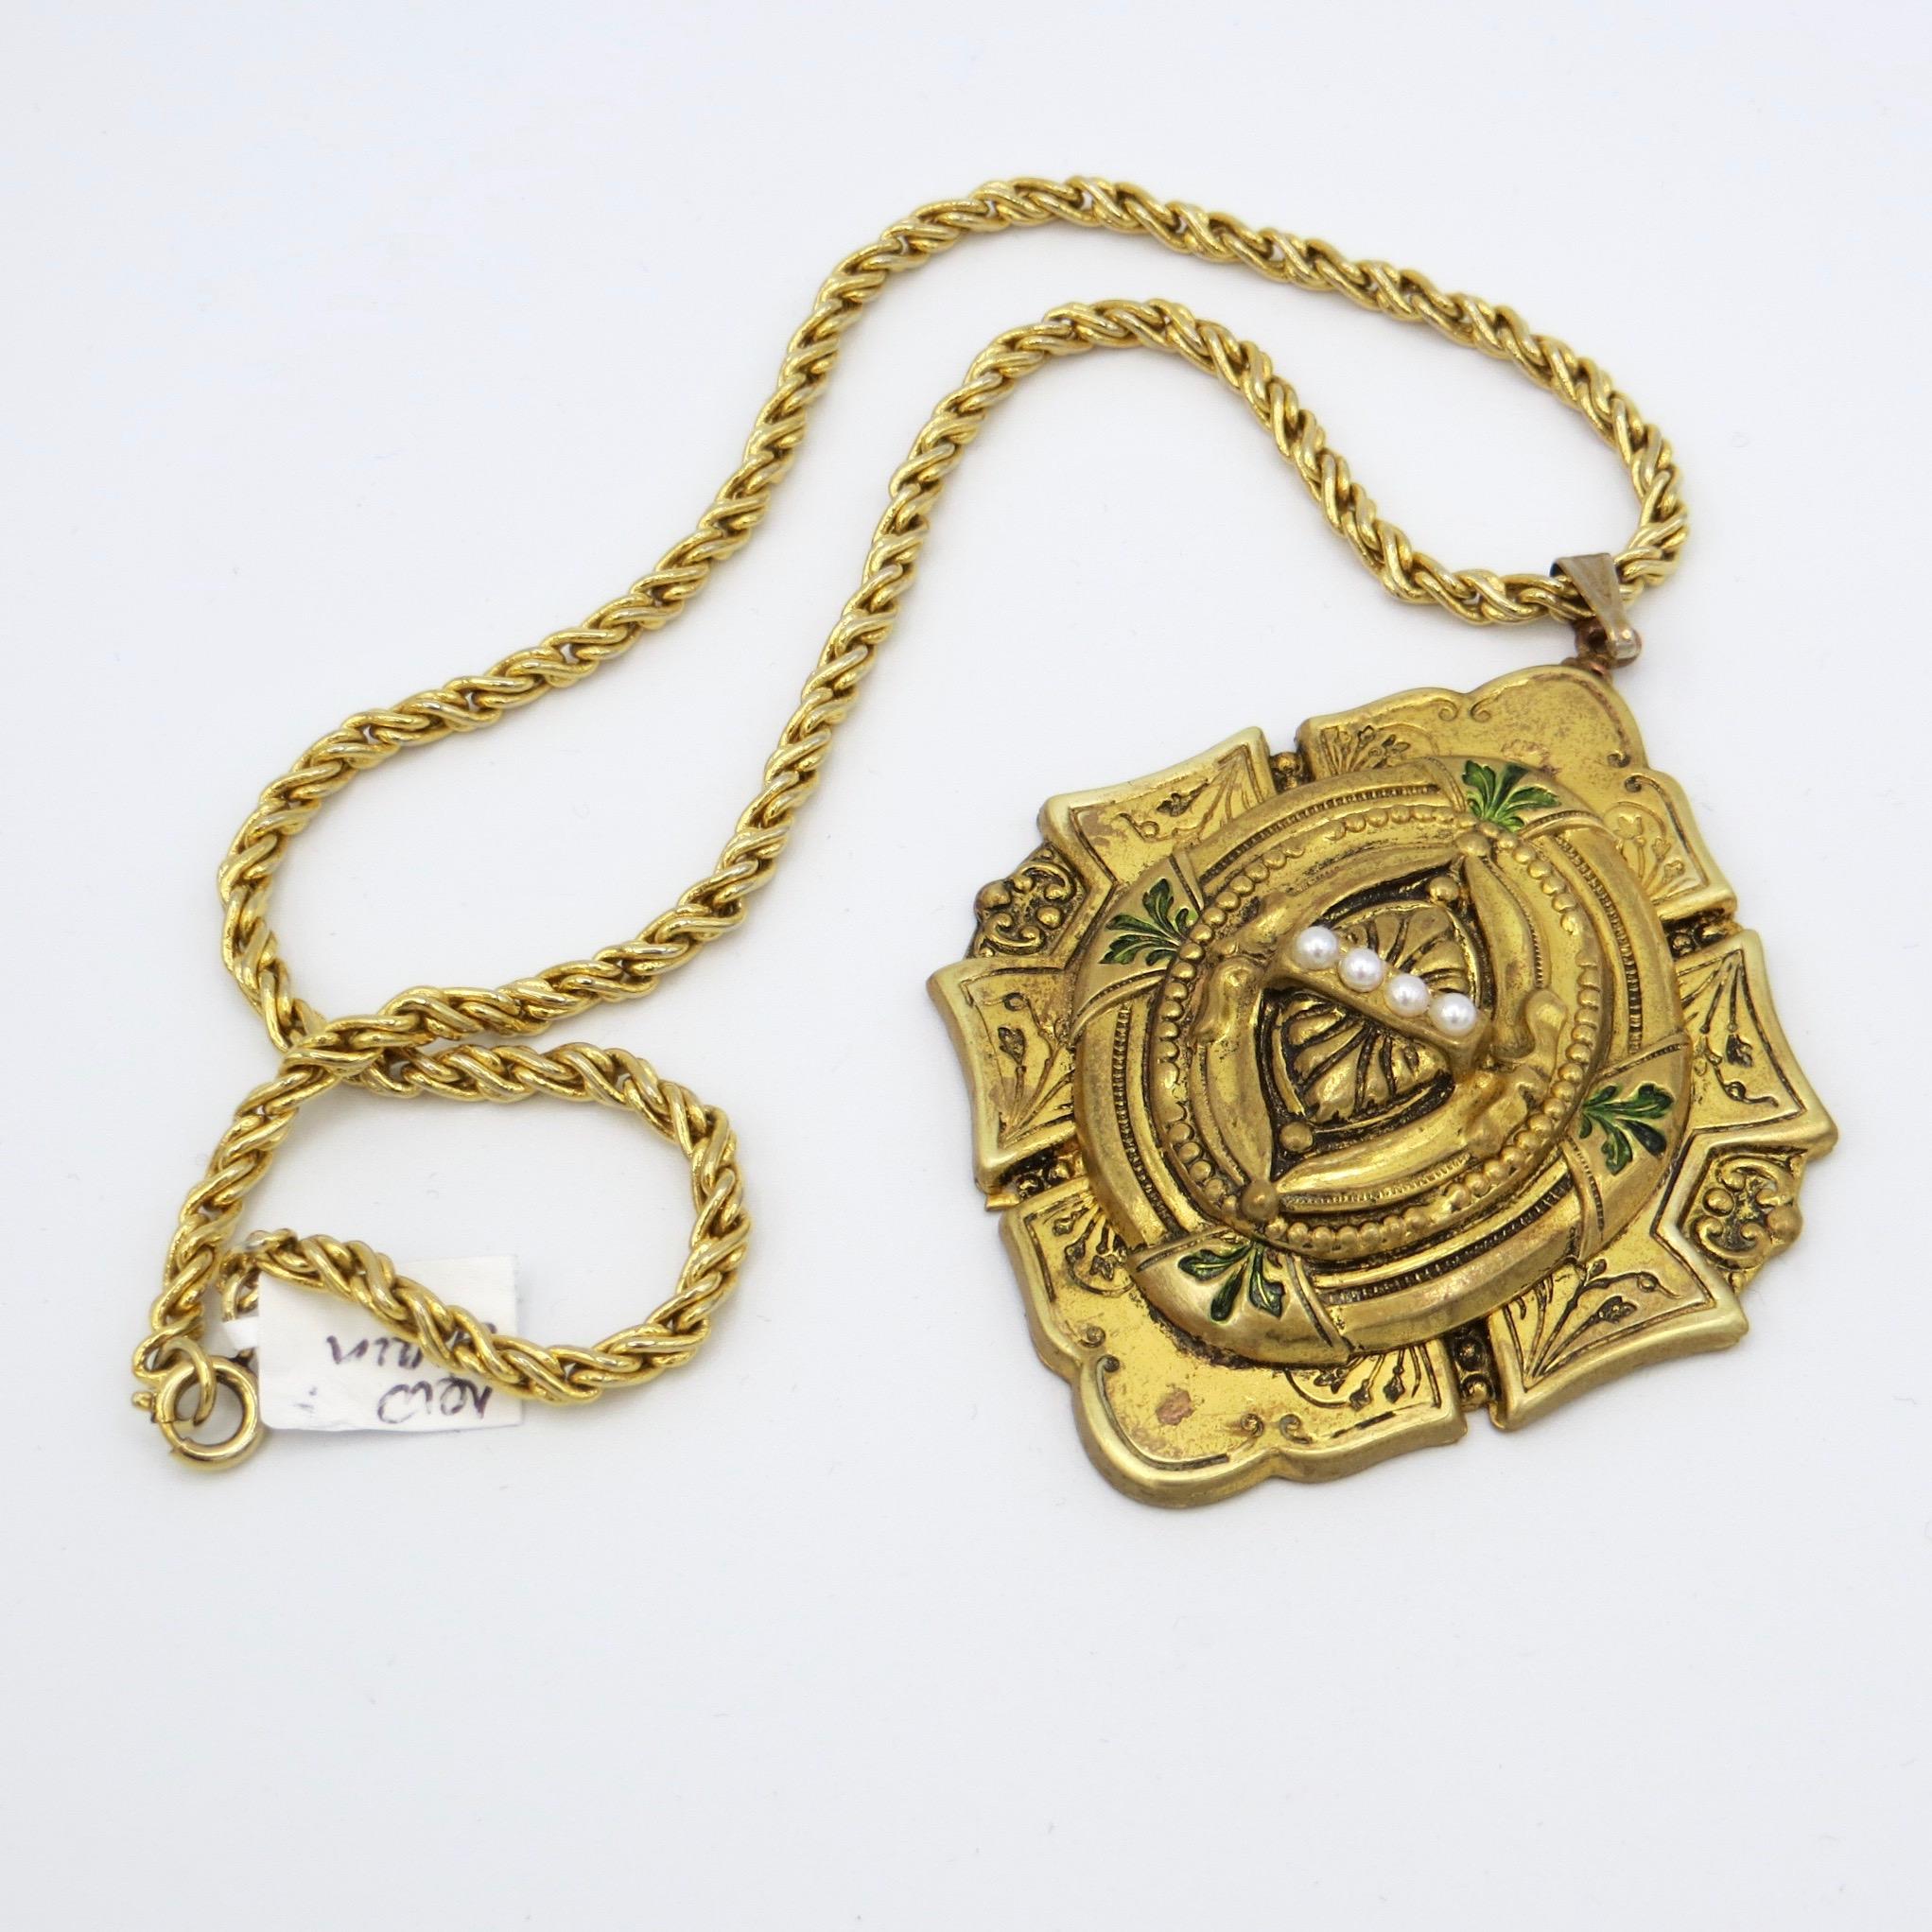 1920s Pendant